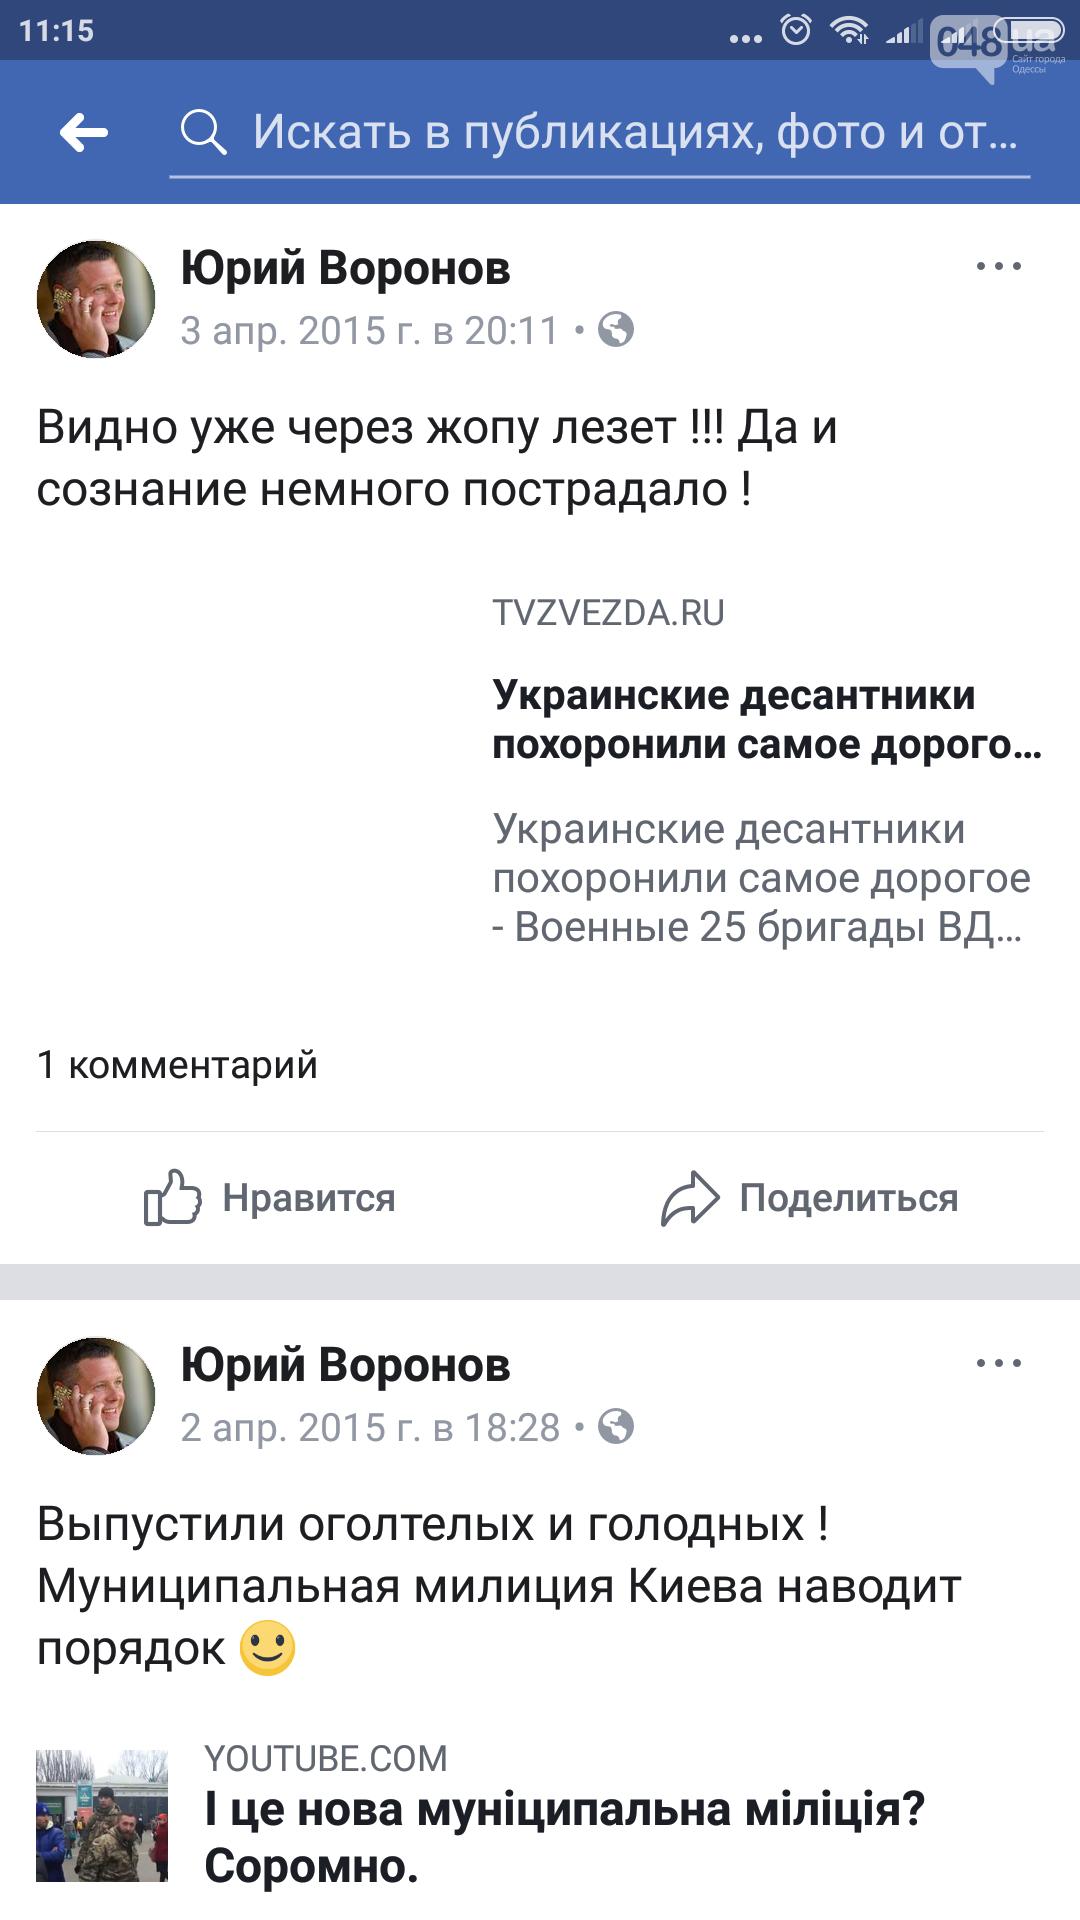 В Одессе бизнесмен-патриот России осваивает бюджетные миллионы и поливает грязью украинцев, - ФОТО, фото-5